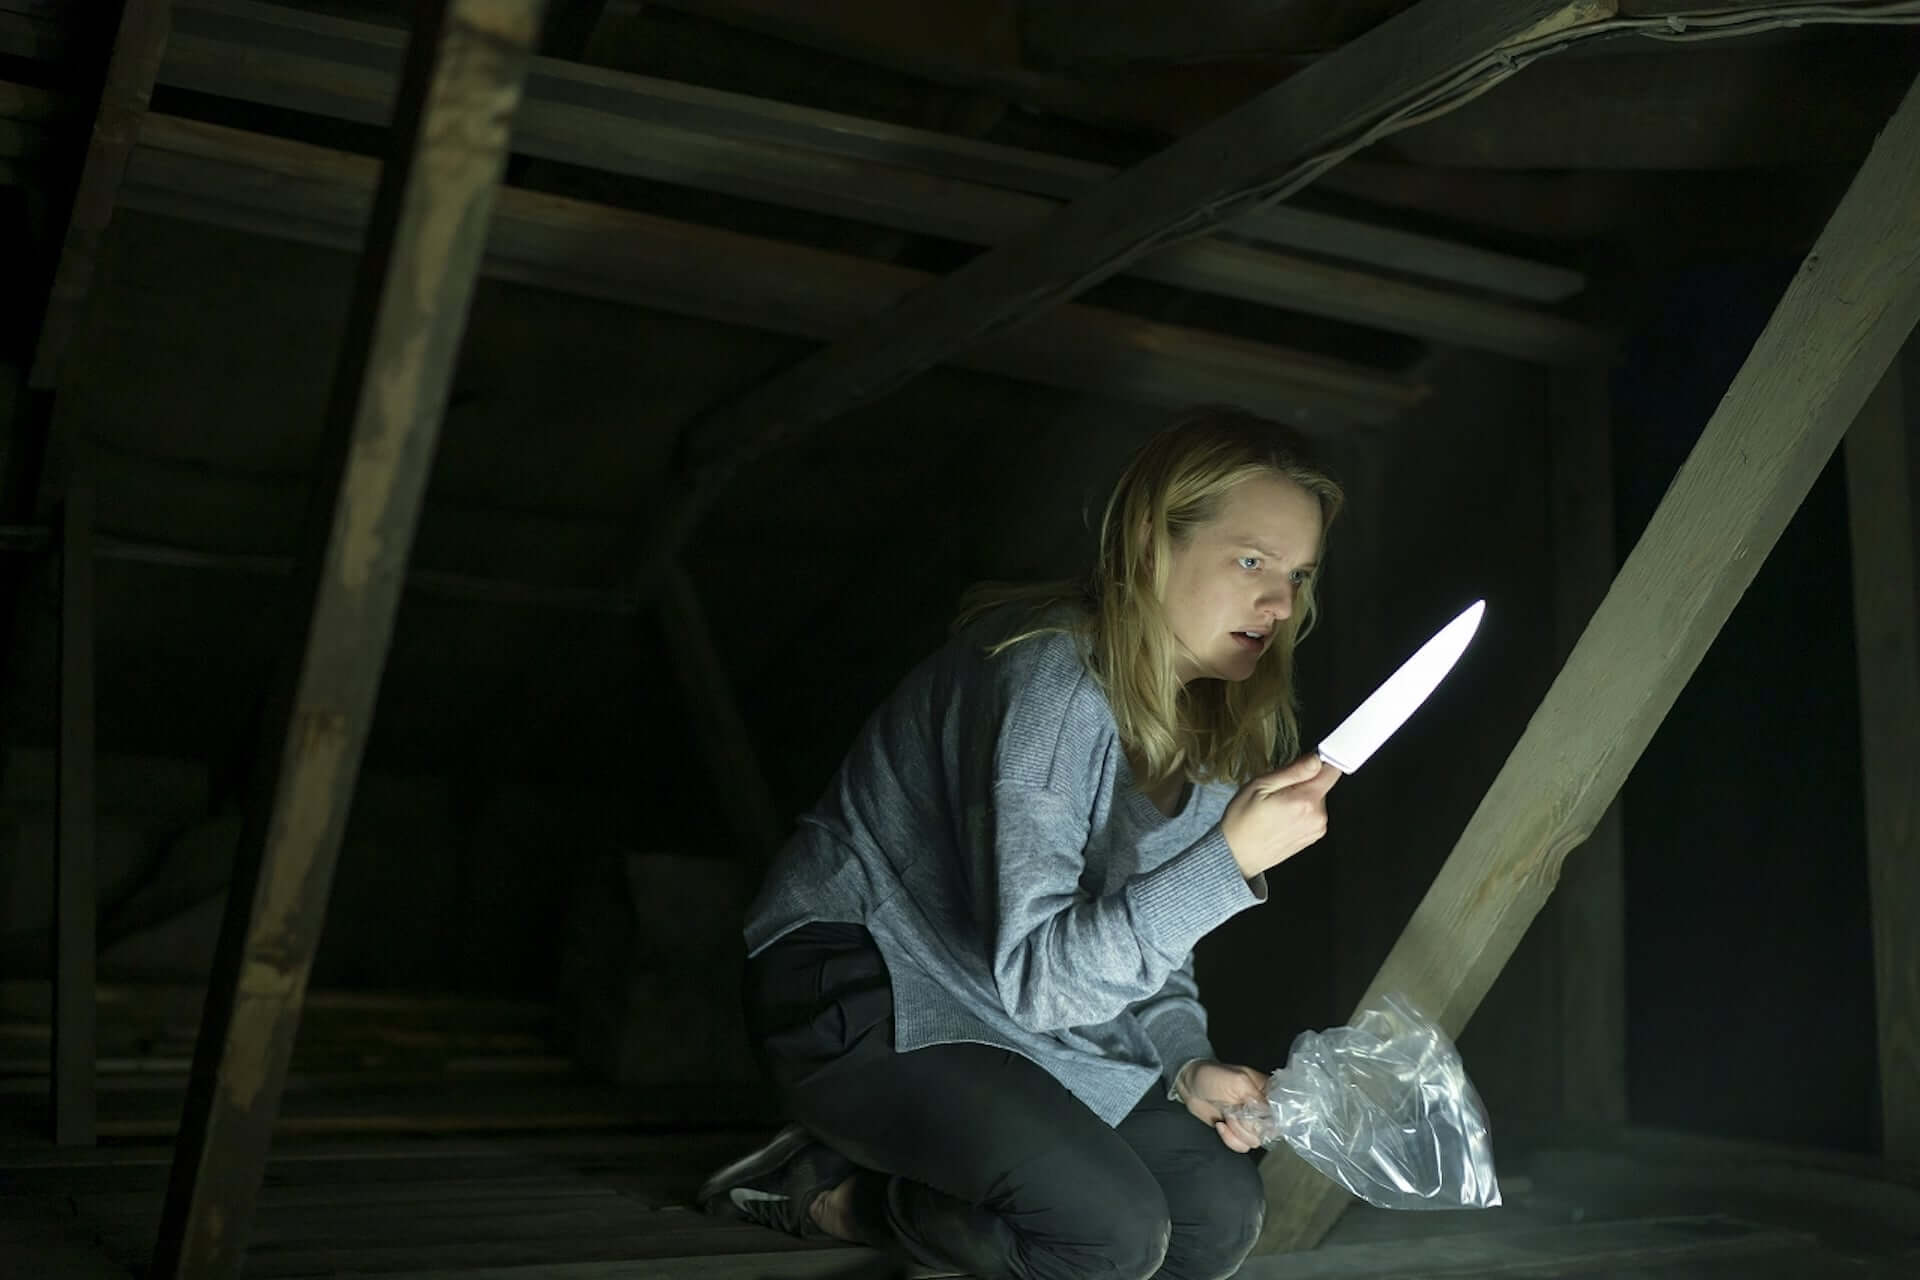 『透明人間』監督リー・ワネルの素顔とは…恐怖の舞台裏に迫るメイキング入り特別映像が公開! film200710_toumei-ningen_7-1920x1280